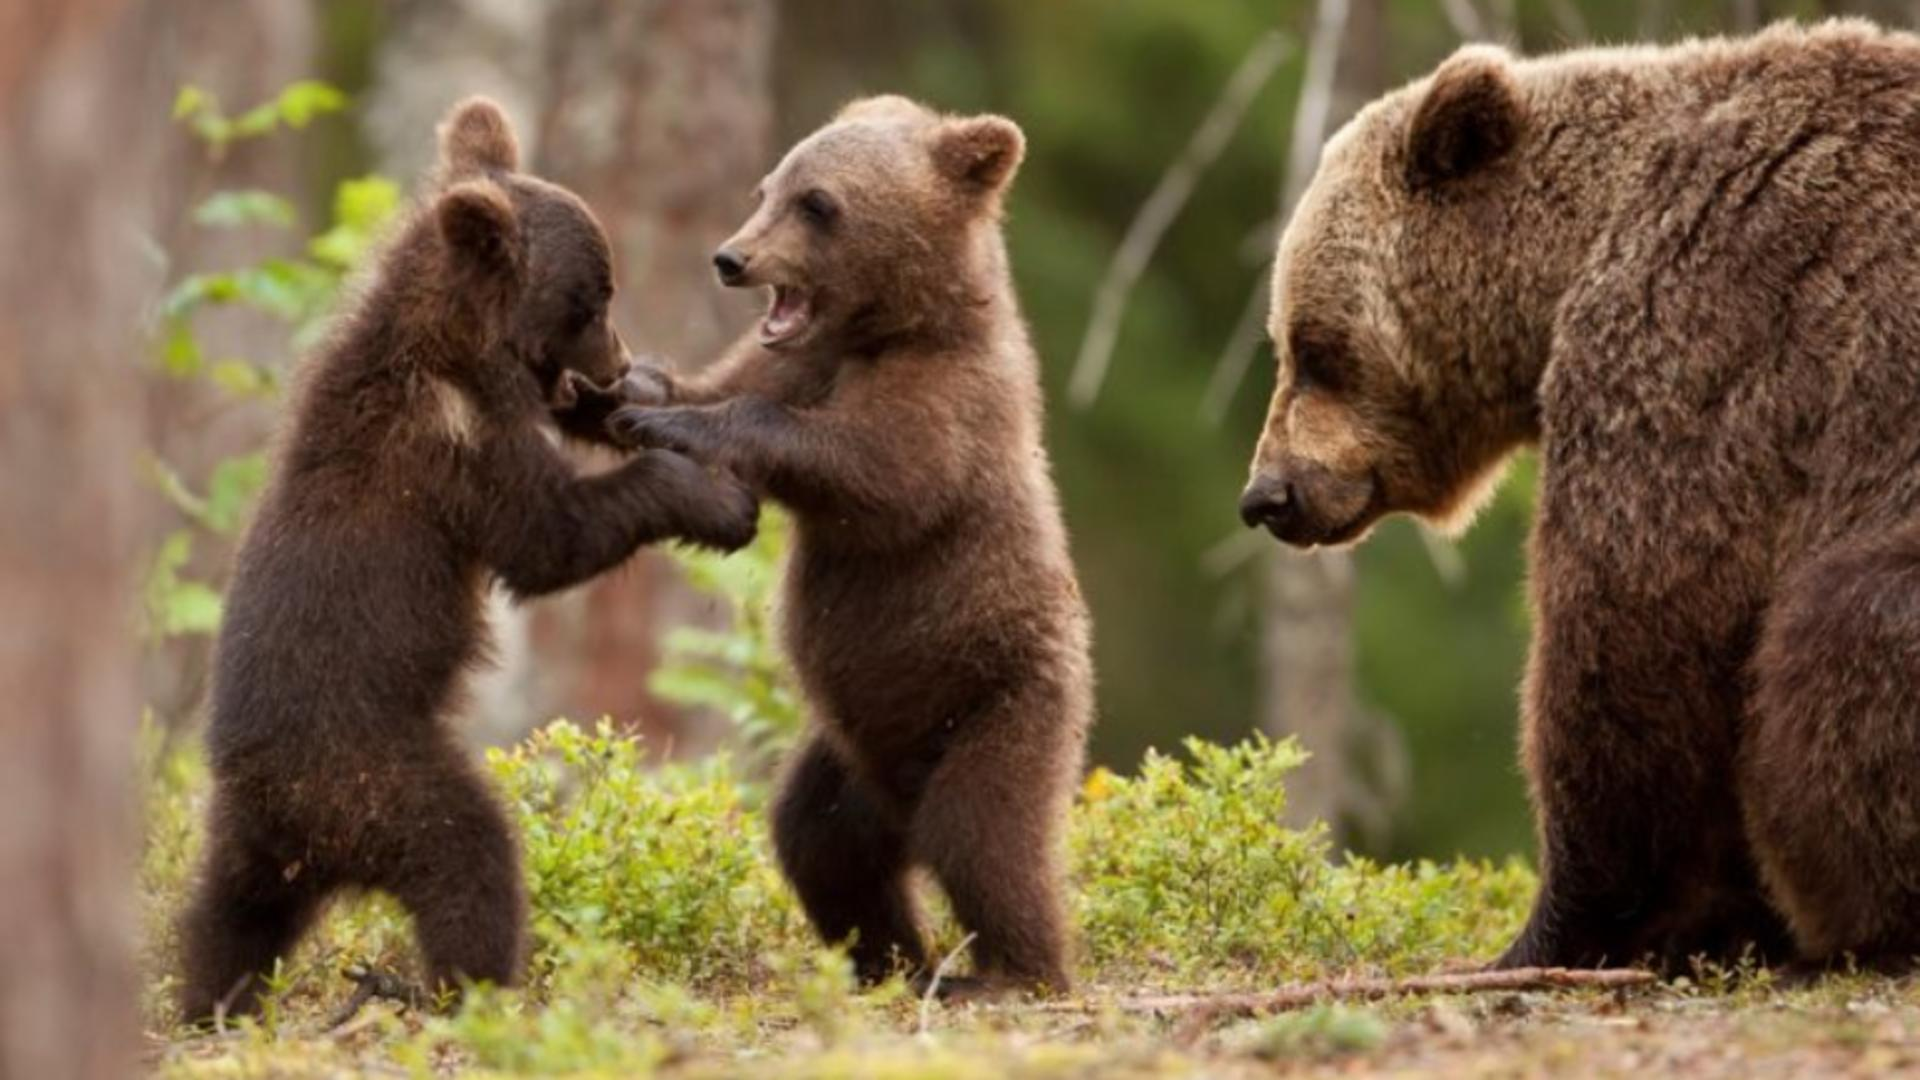 Pui de urs - imagine cu nota sugestivă